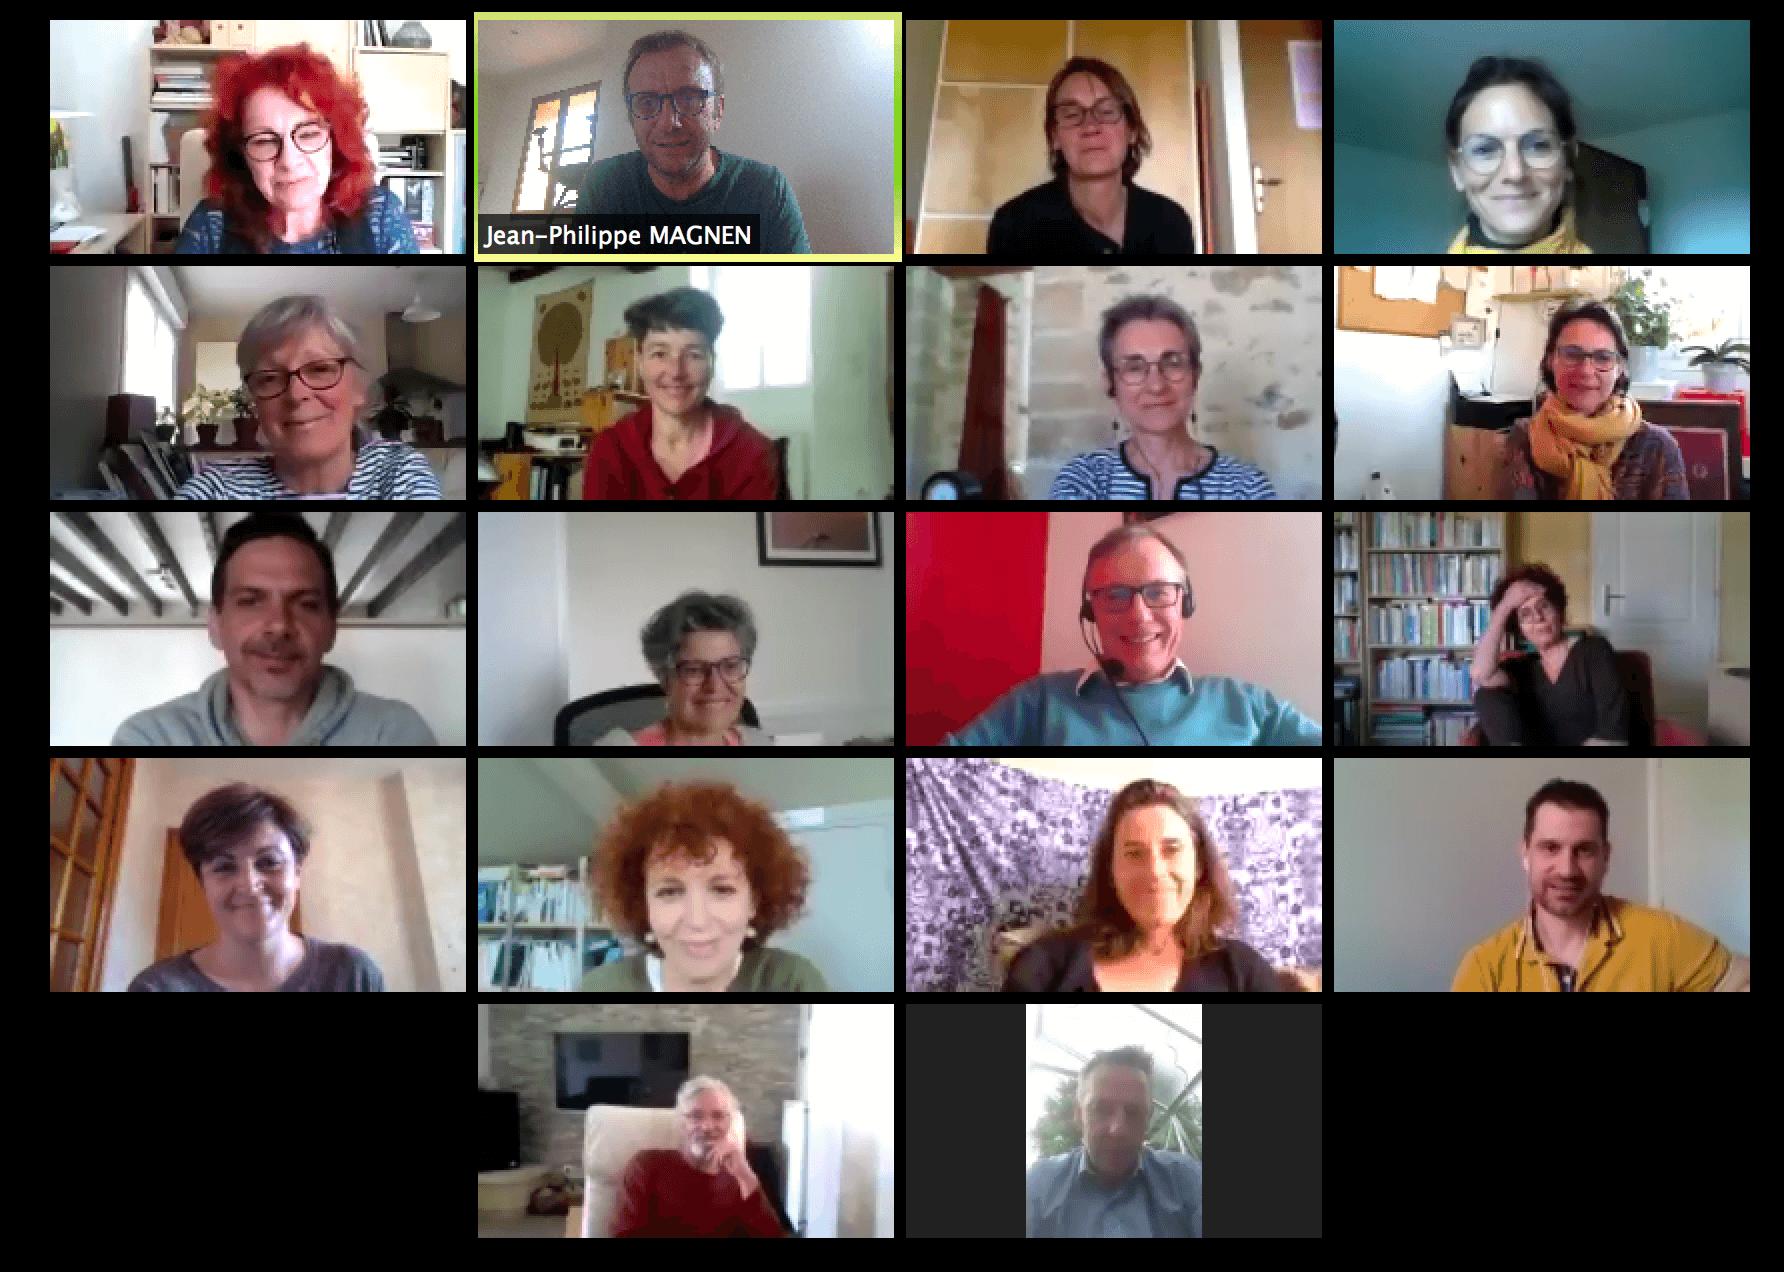 capture d 'écran des 18 participants à la viso réunion du 17 avril 2020